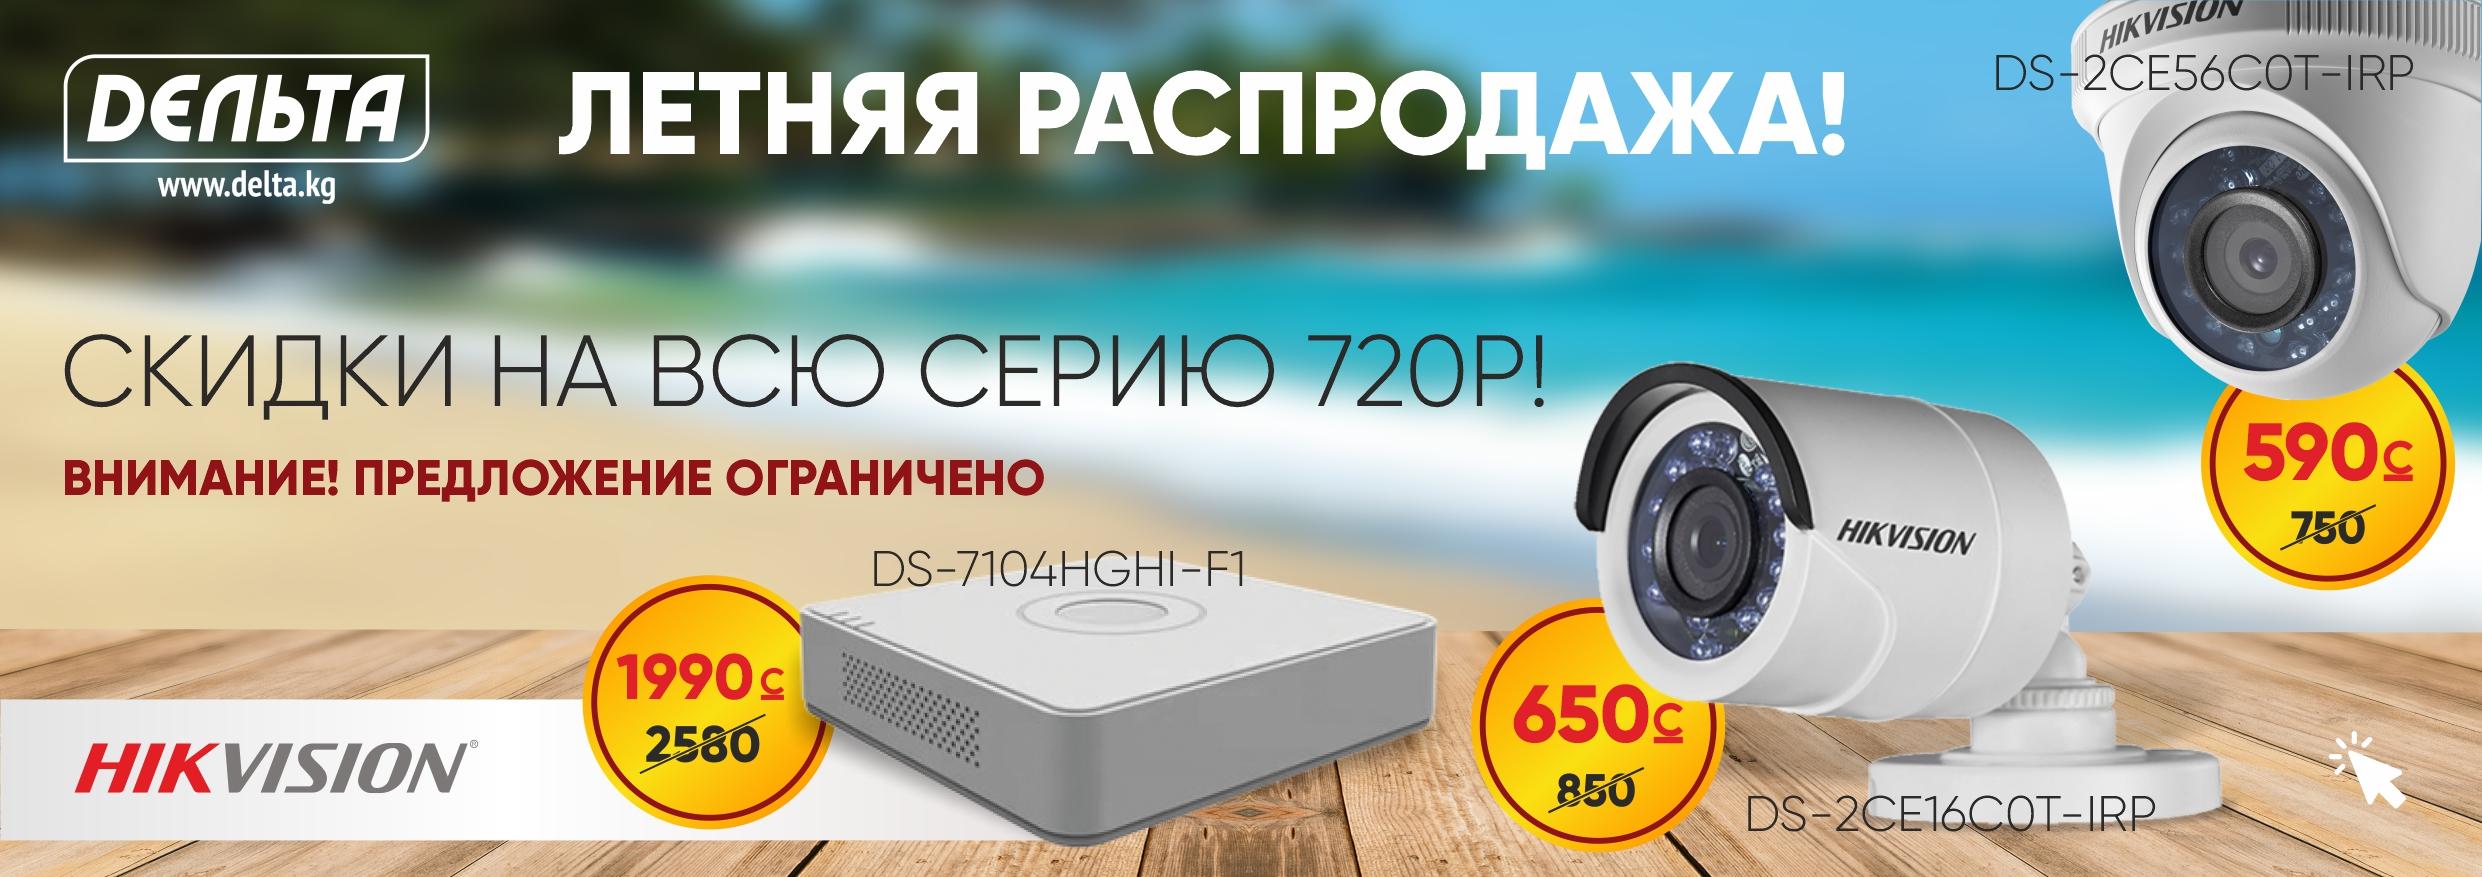 Цены просто ПЛАВЯТСЯ под палящим солнцем на серию камер 720p!